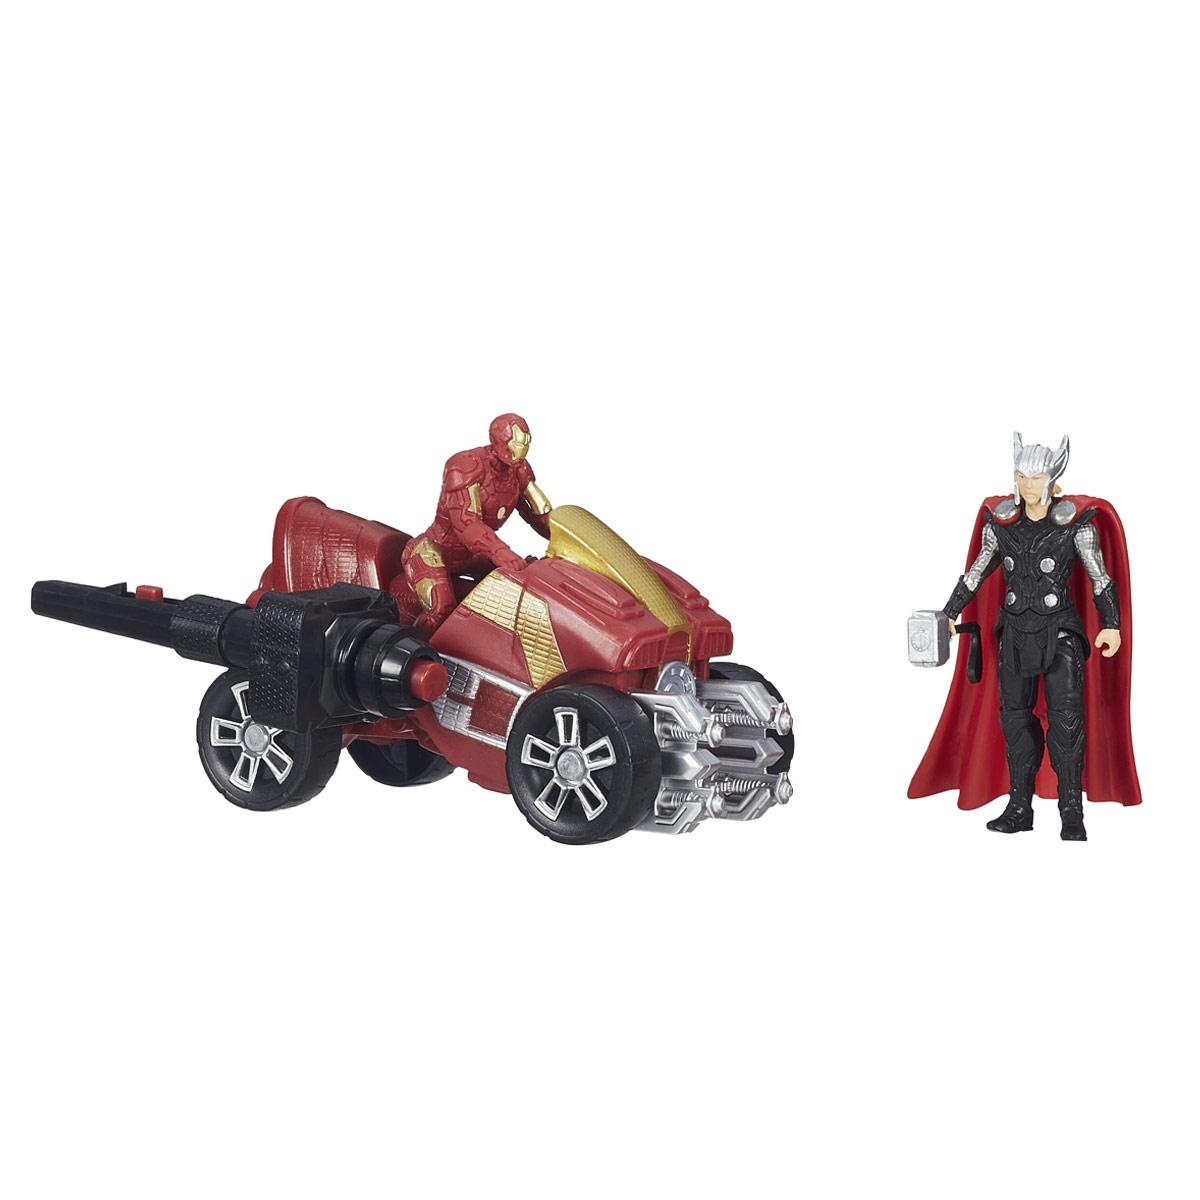 Игровой набор Avengers Thor & Iron ManB5769EU4_B1501Игровой набор Avengers Thor & Iron Man непременно привлечет внимание вашего ребенка и не позволит ему скучать. Набор включает в себя две фигурки супергероев - Тора и Железного Человека, а также квадроцикл для Железного Человека и ключ зажигания. Фигурки выполнены из прочного безопасного пластика. Они в точности повторяют внешний вид героев фильма. Голова, руки и ноги фигурки Тора подвижны, что позволяет придавать ей различные позы и открывает малышу неограниченный простор для игр. При помощи оригинального пускового ключа, вы сможете запустить квадроцикл - вставьте его в специальное углубление, нажмите на кнопку, и квадроцикл быстро поедет вперед. Фигурки отличаются высоким качеством исполнения и детализации. Такой набор обязательно понравится вашему малышу, и он проведет множество счастливых мгновений, играя с ним и придумывая различные истории.